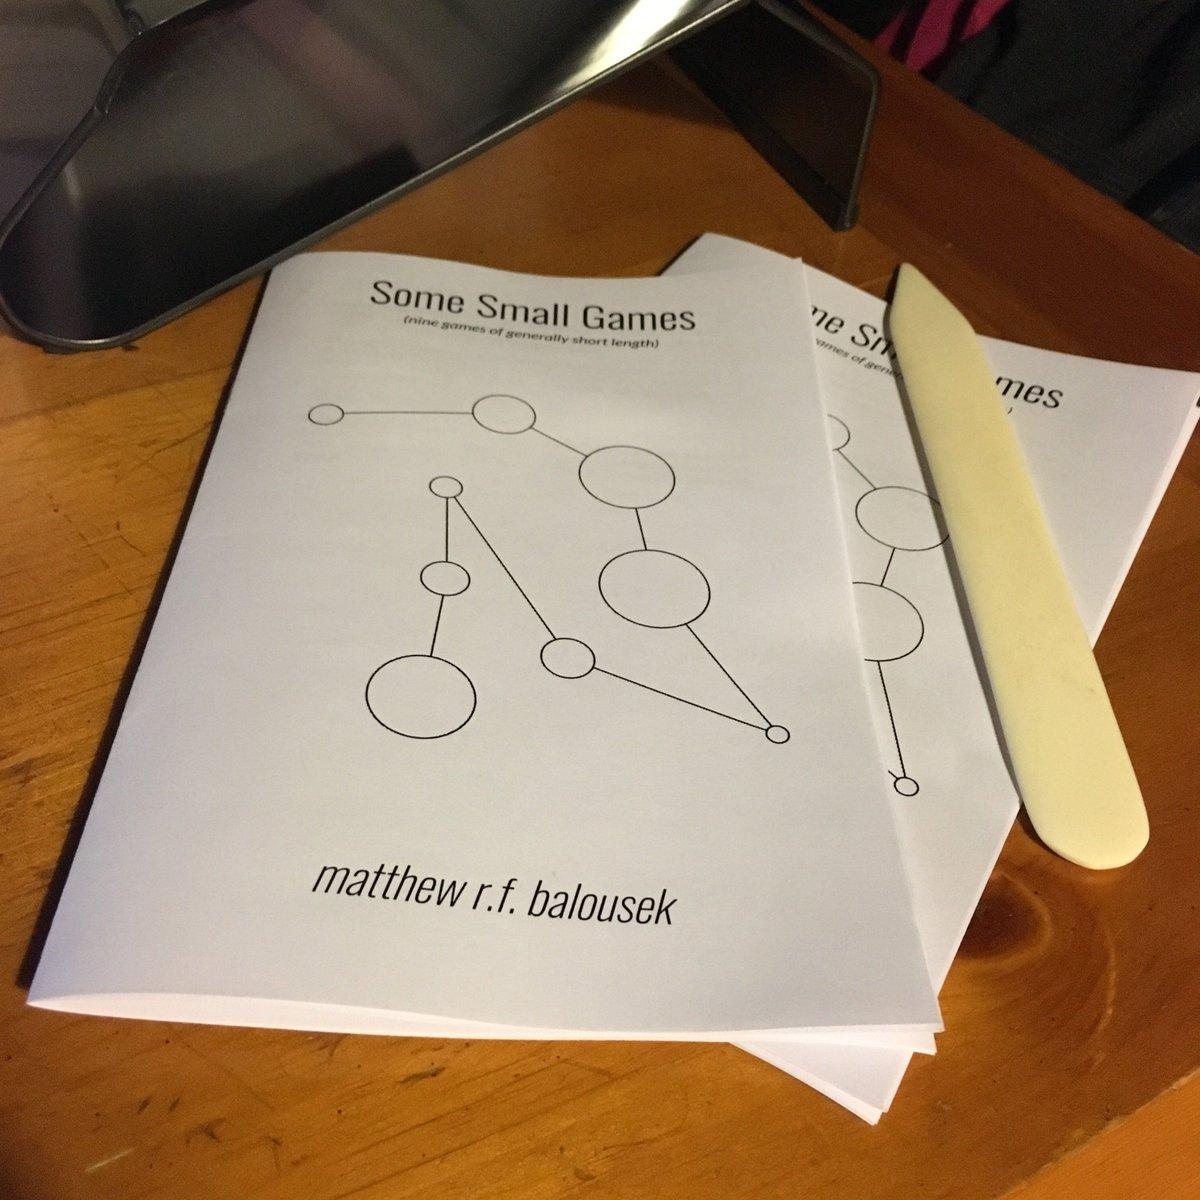 download IBM SPSS Modeler cookbook